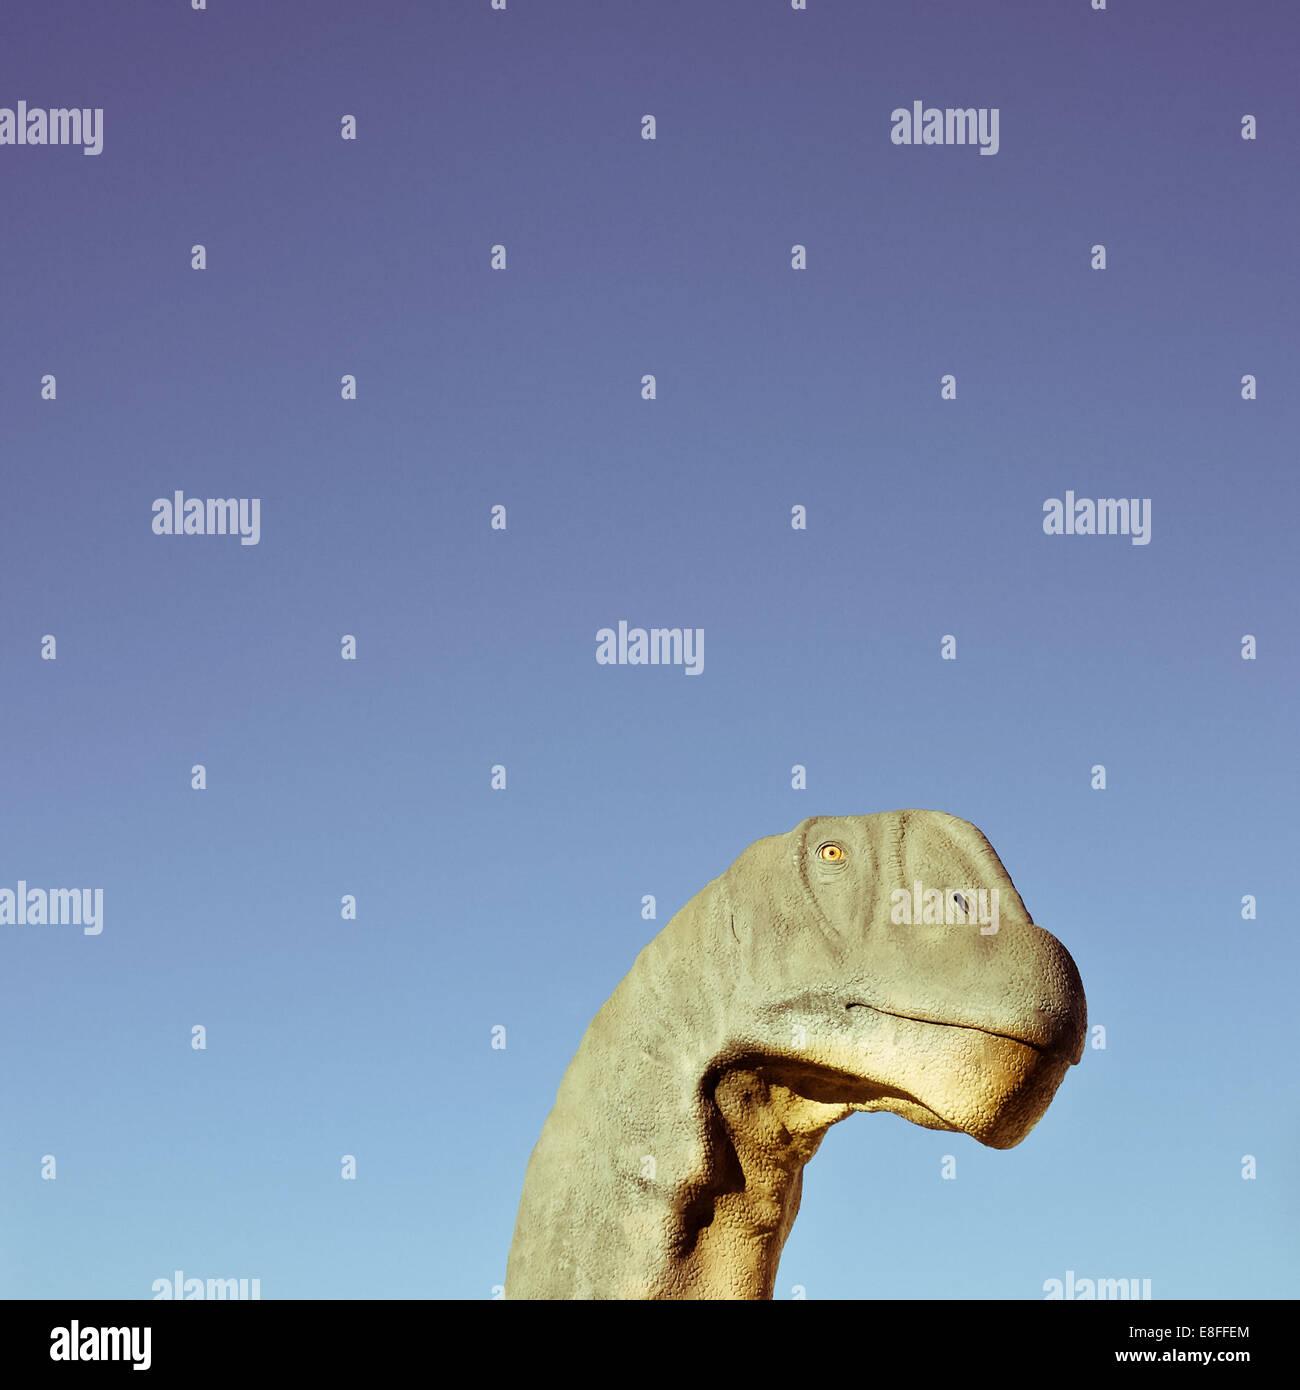 Dinosaur head against clear sky - Stock Image